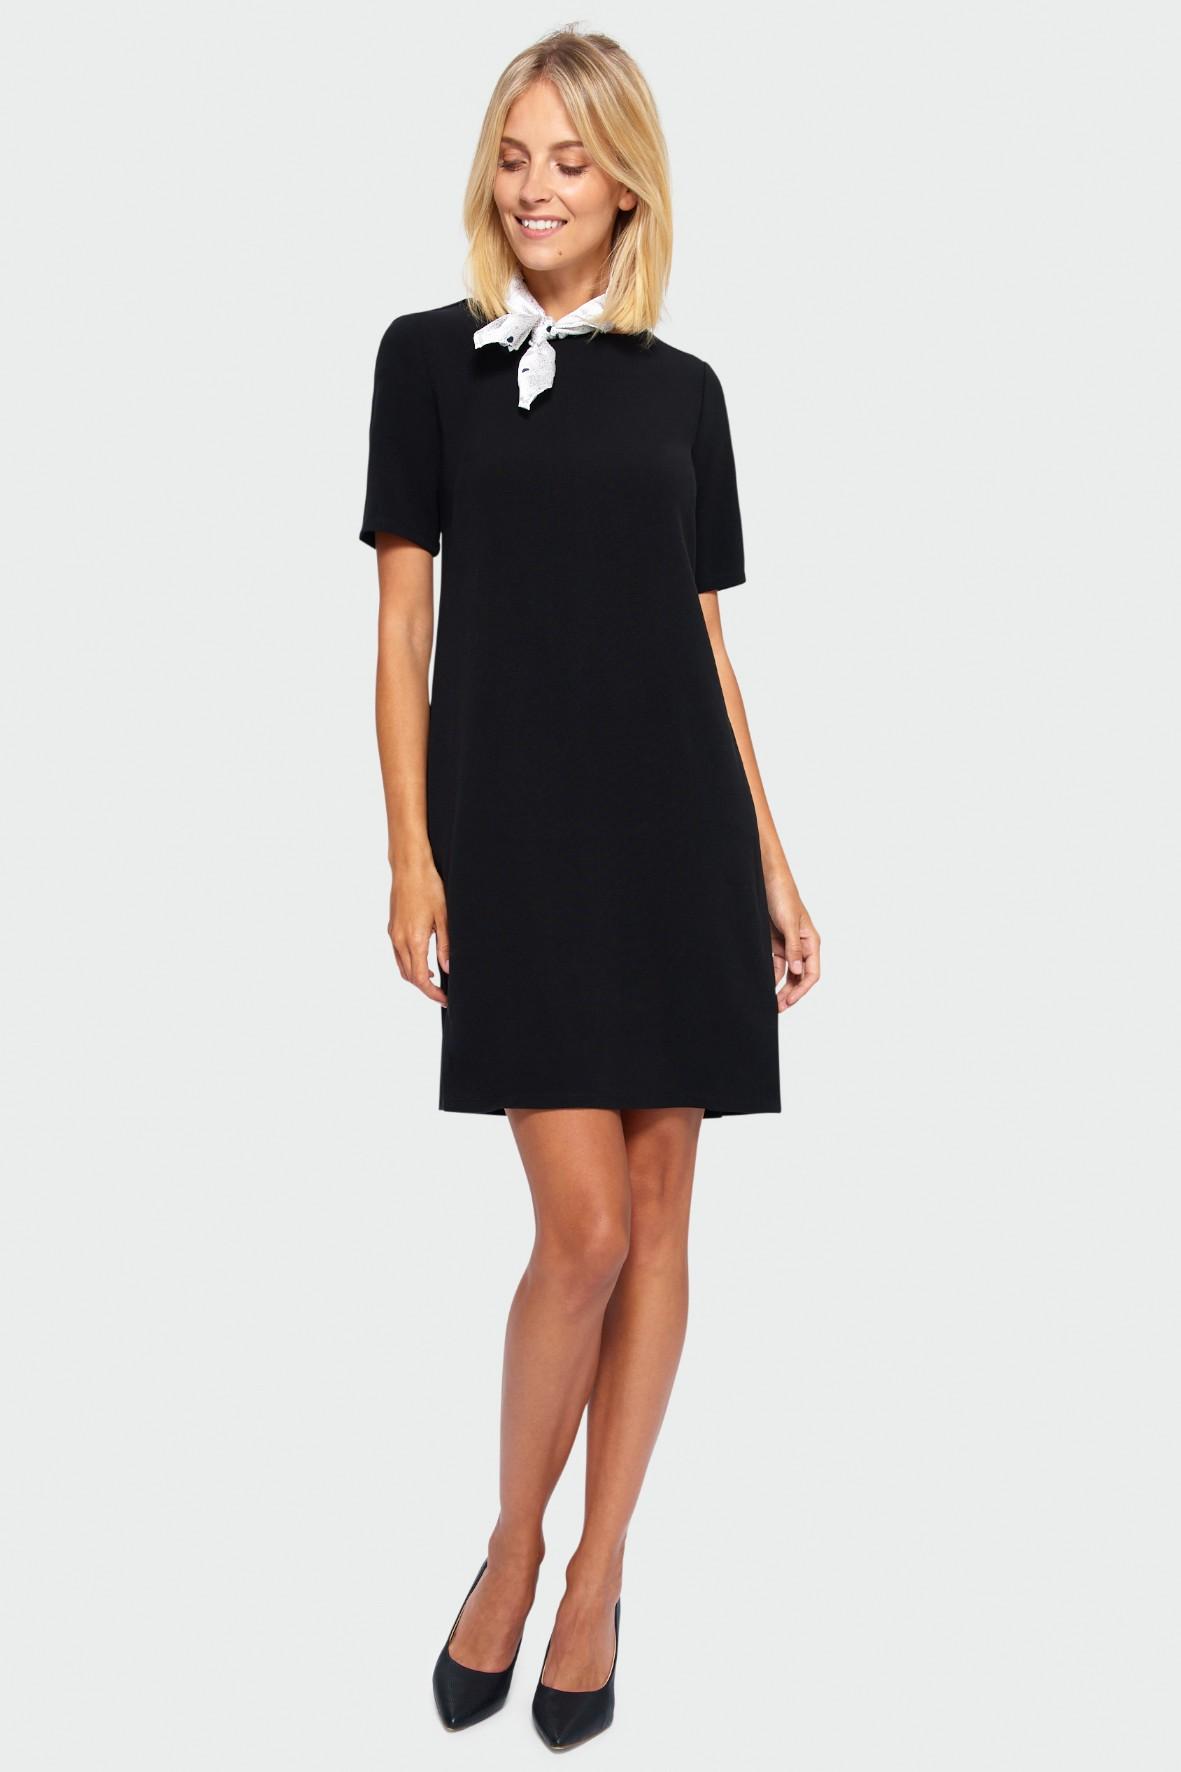 Sukienka o prostym kroju na krótki rękaw - czarna